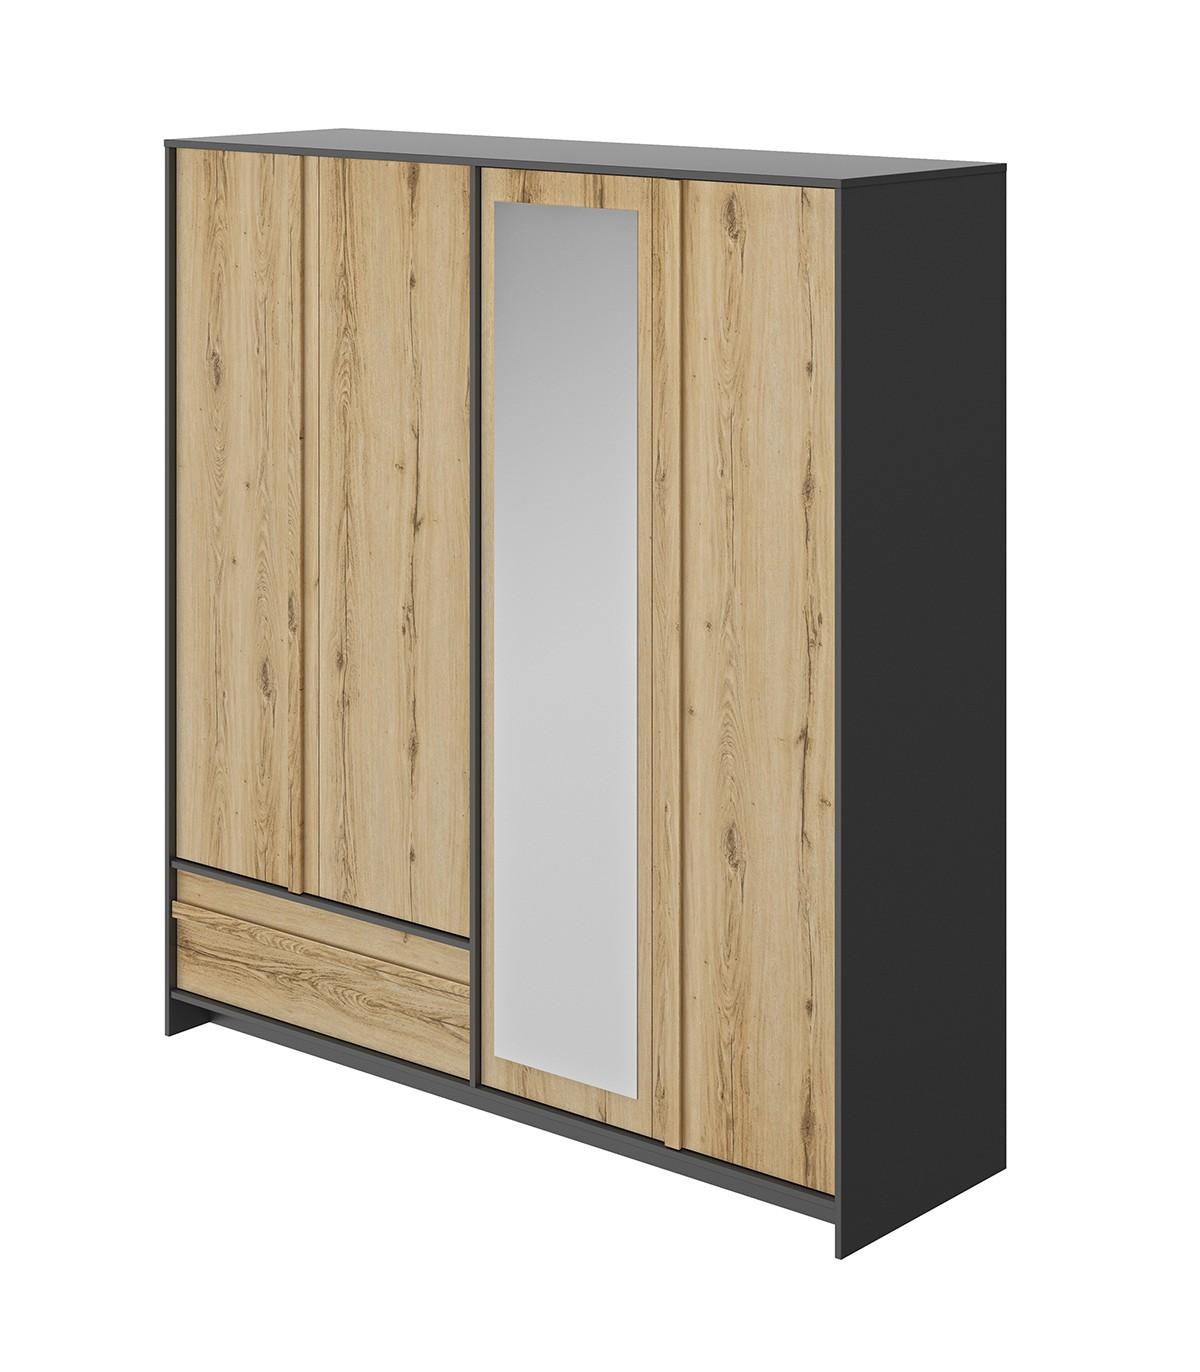 Armoire 4 portes et 1 tiroir L197 cm - Décor chêne et noir